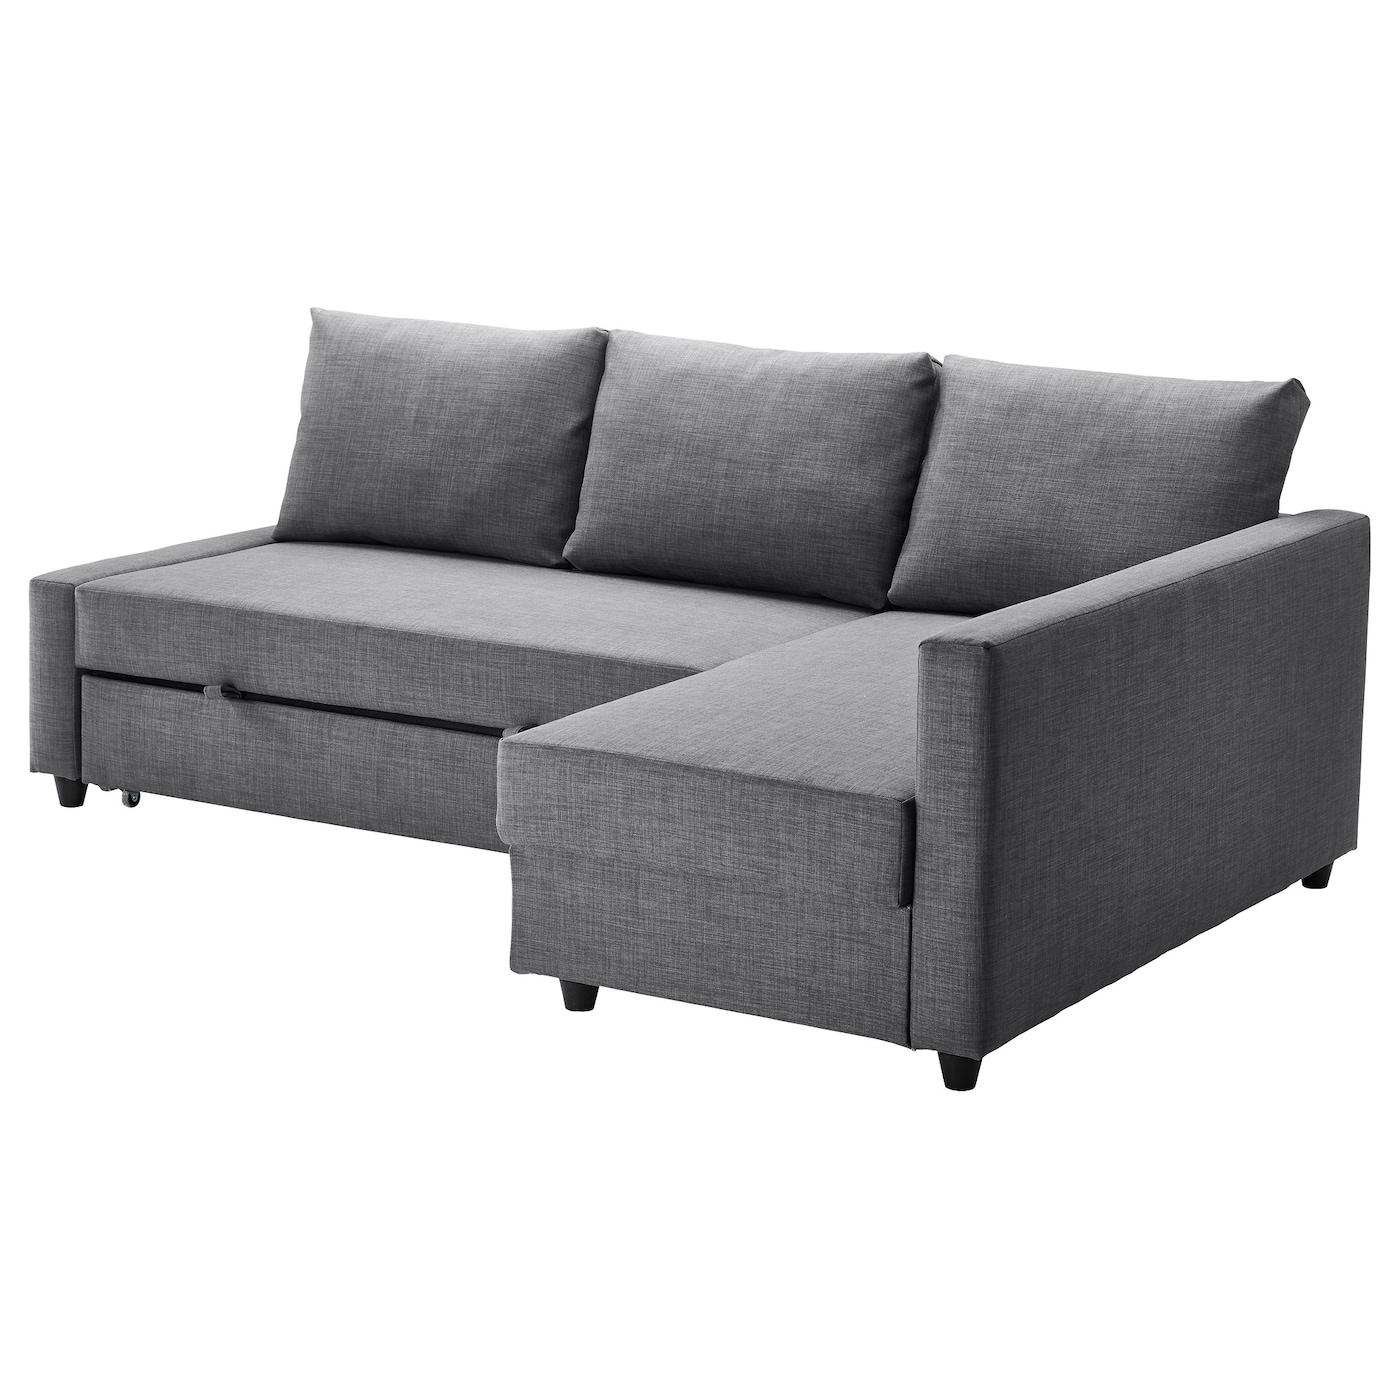 Ikea friheten canapé conv dangle avec rangement a la fois canapé méridienne et